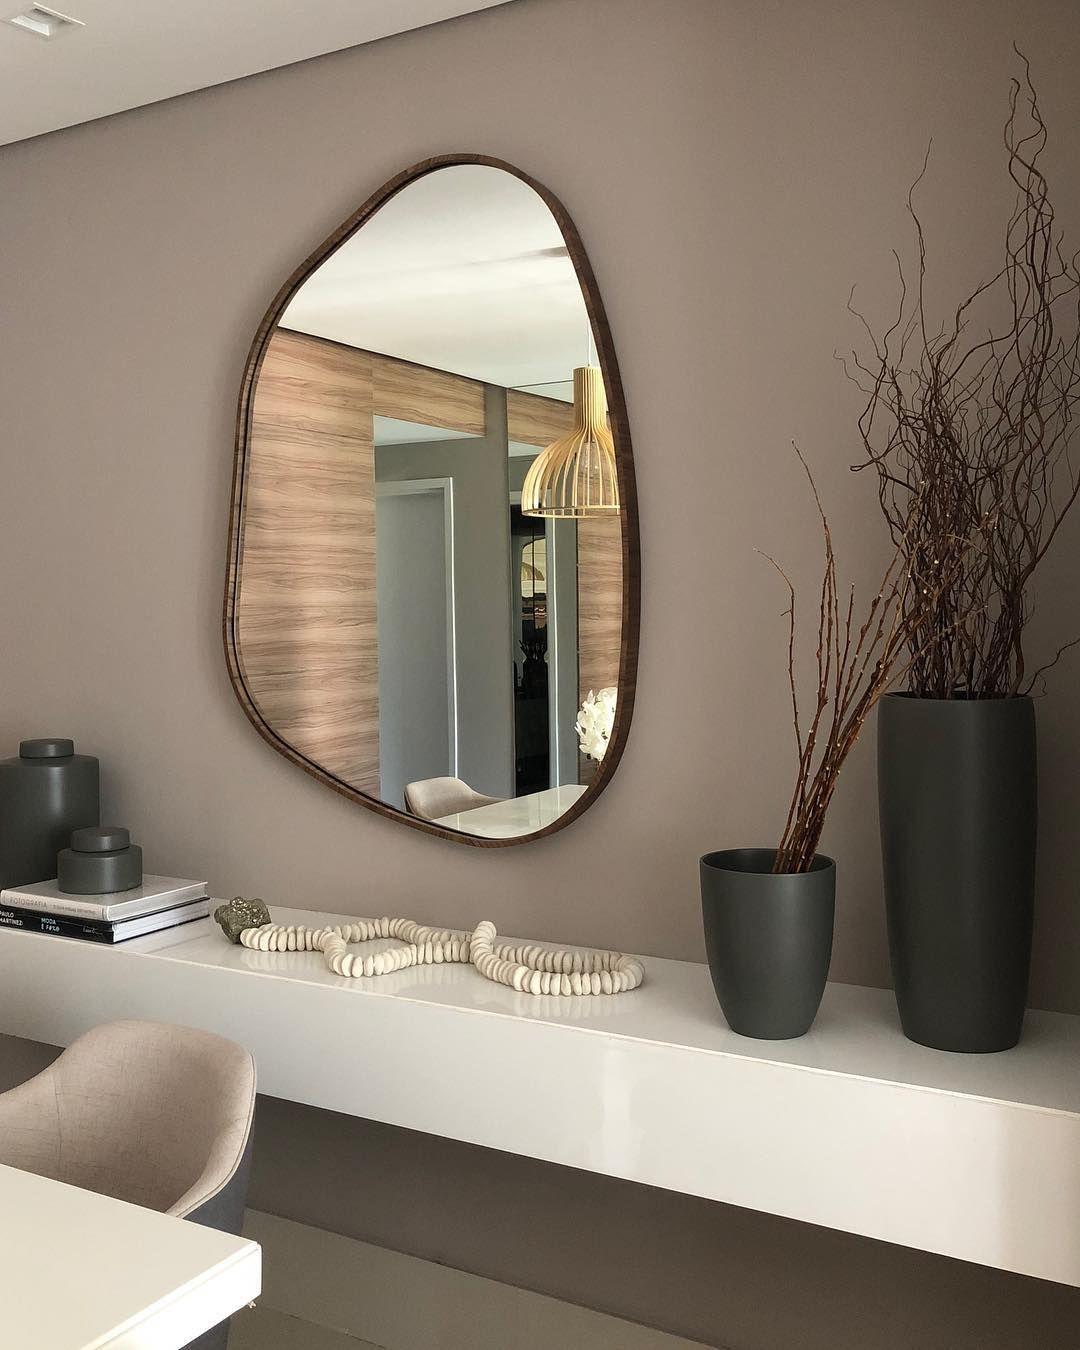 Photo of Espelho grande: 70 modelos e dicas para melhor usá-lo (FOTOS)